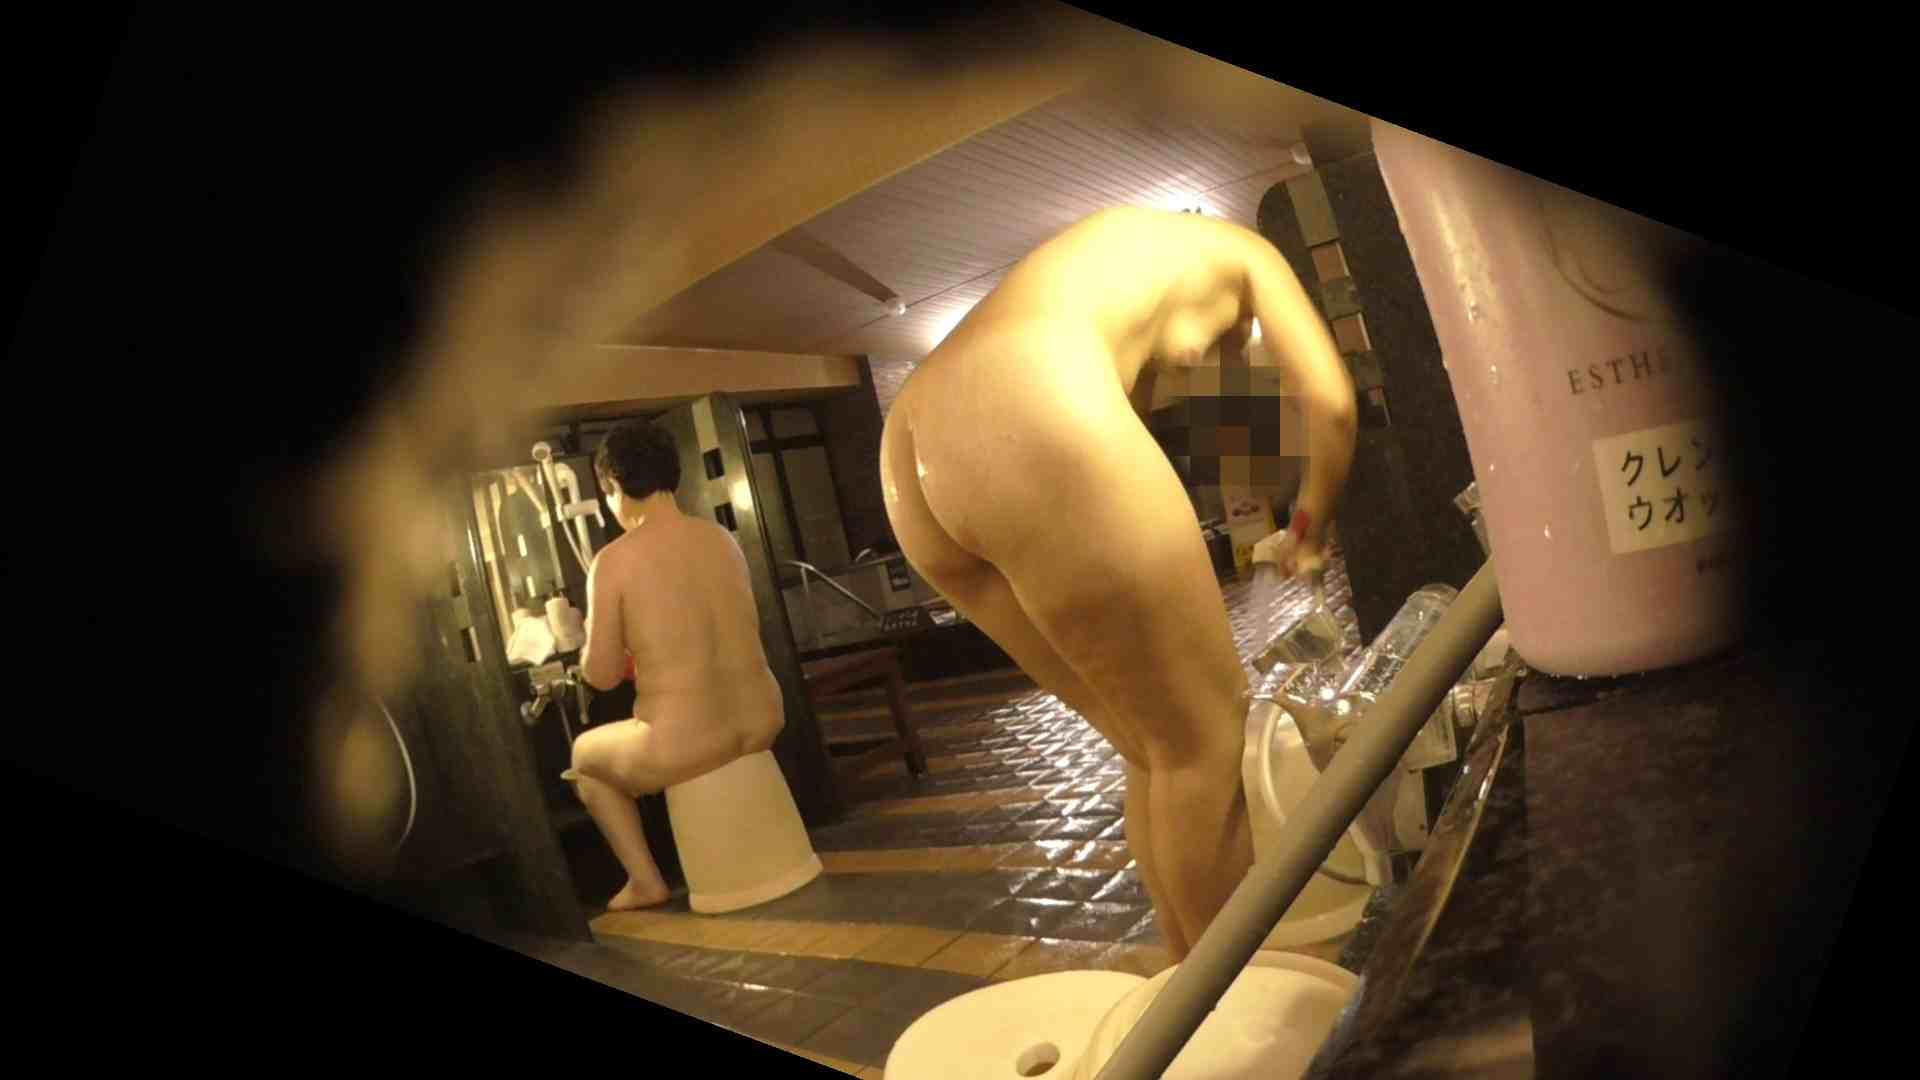 お風呂HEROの助手 vol.04 高画質  88画像 70